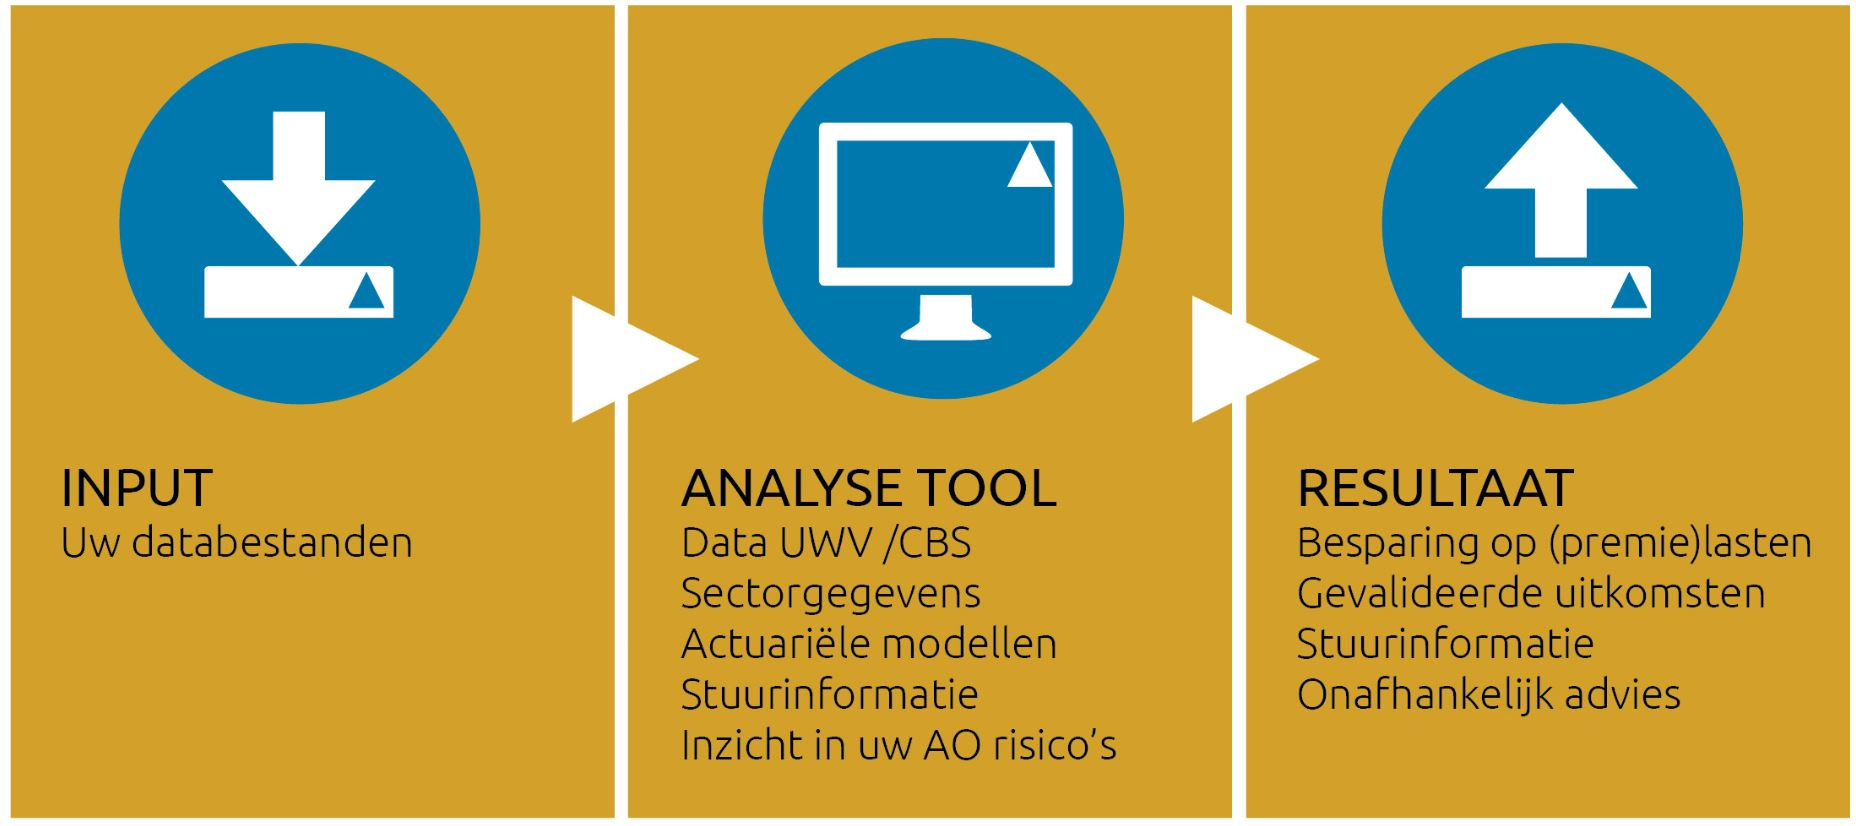 WGA ZW analyse tool van Triple A